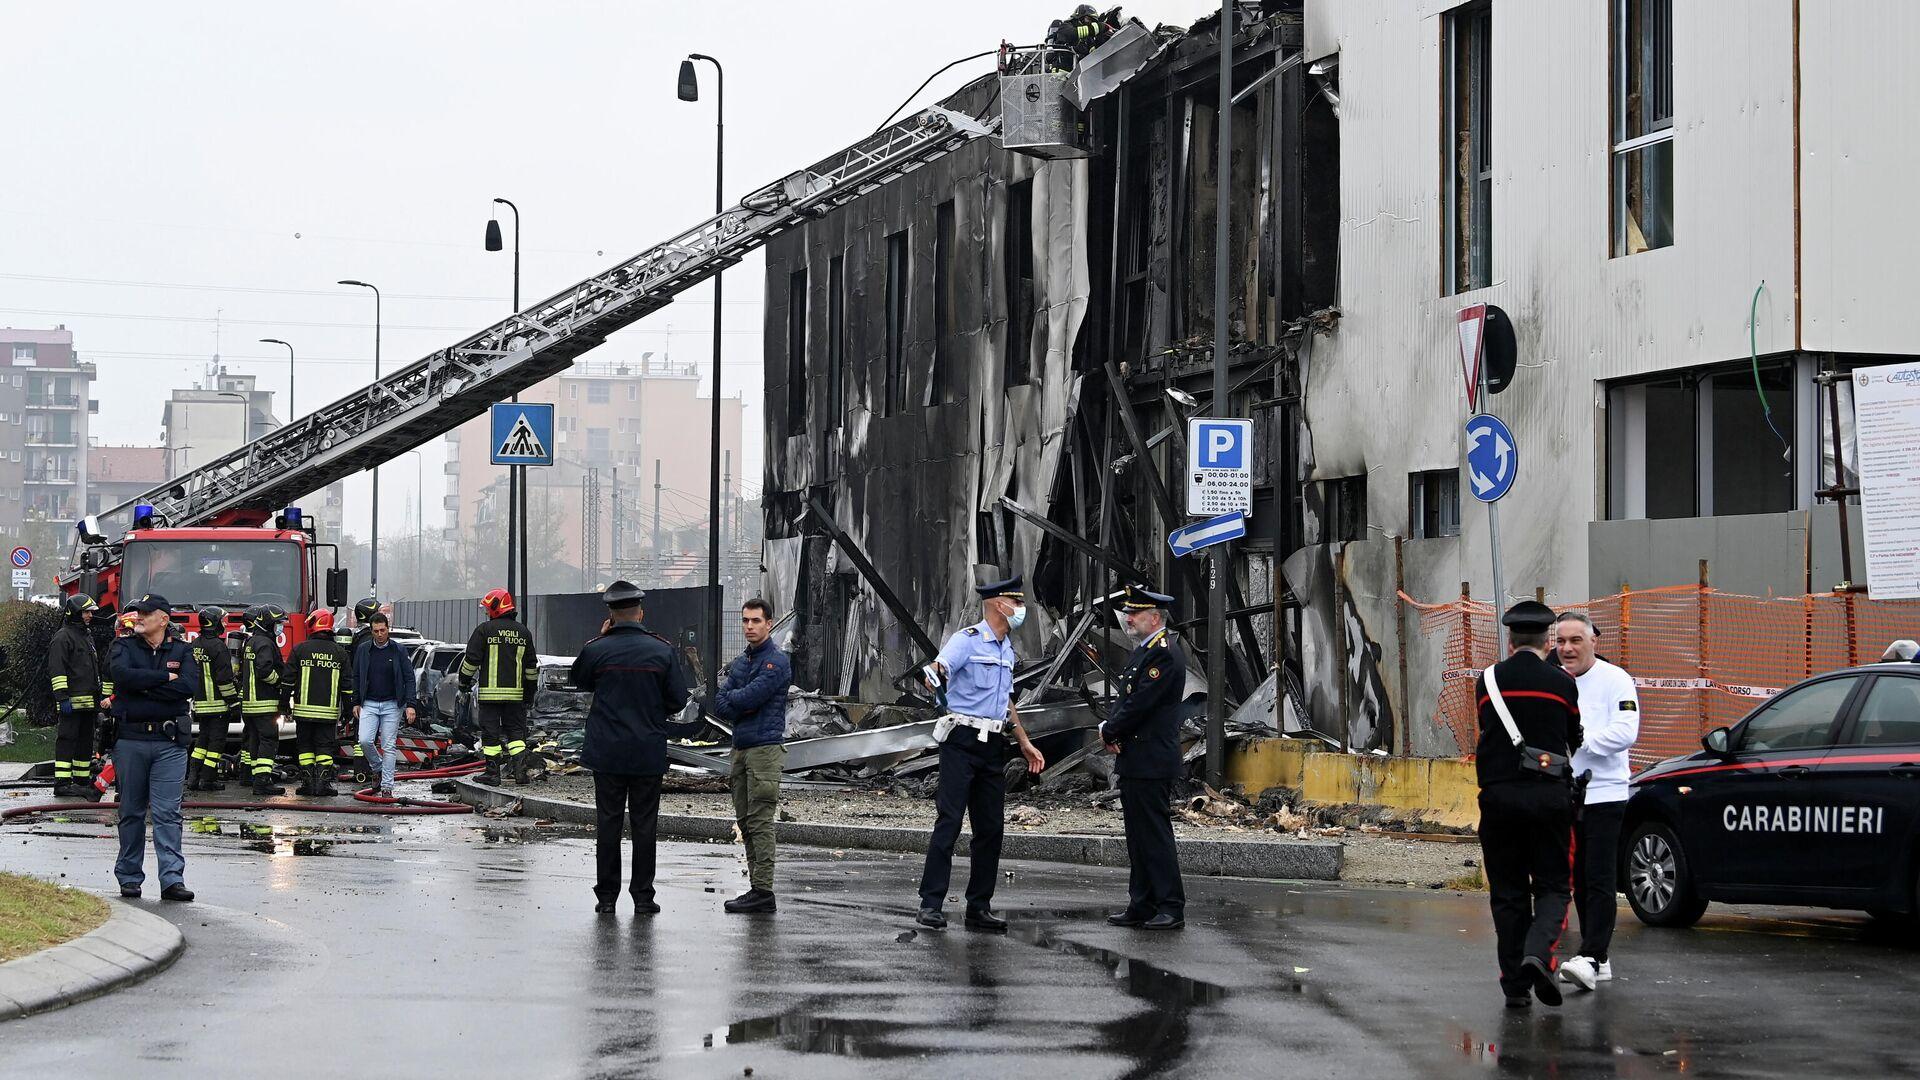 Пожарные и спасатели работают на месте падения самолета в Италии - Sputnik Грузия, 1920, 03.10.2021